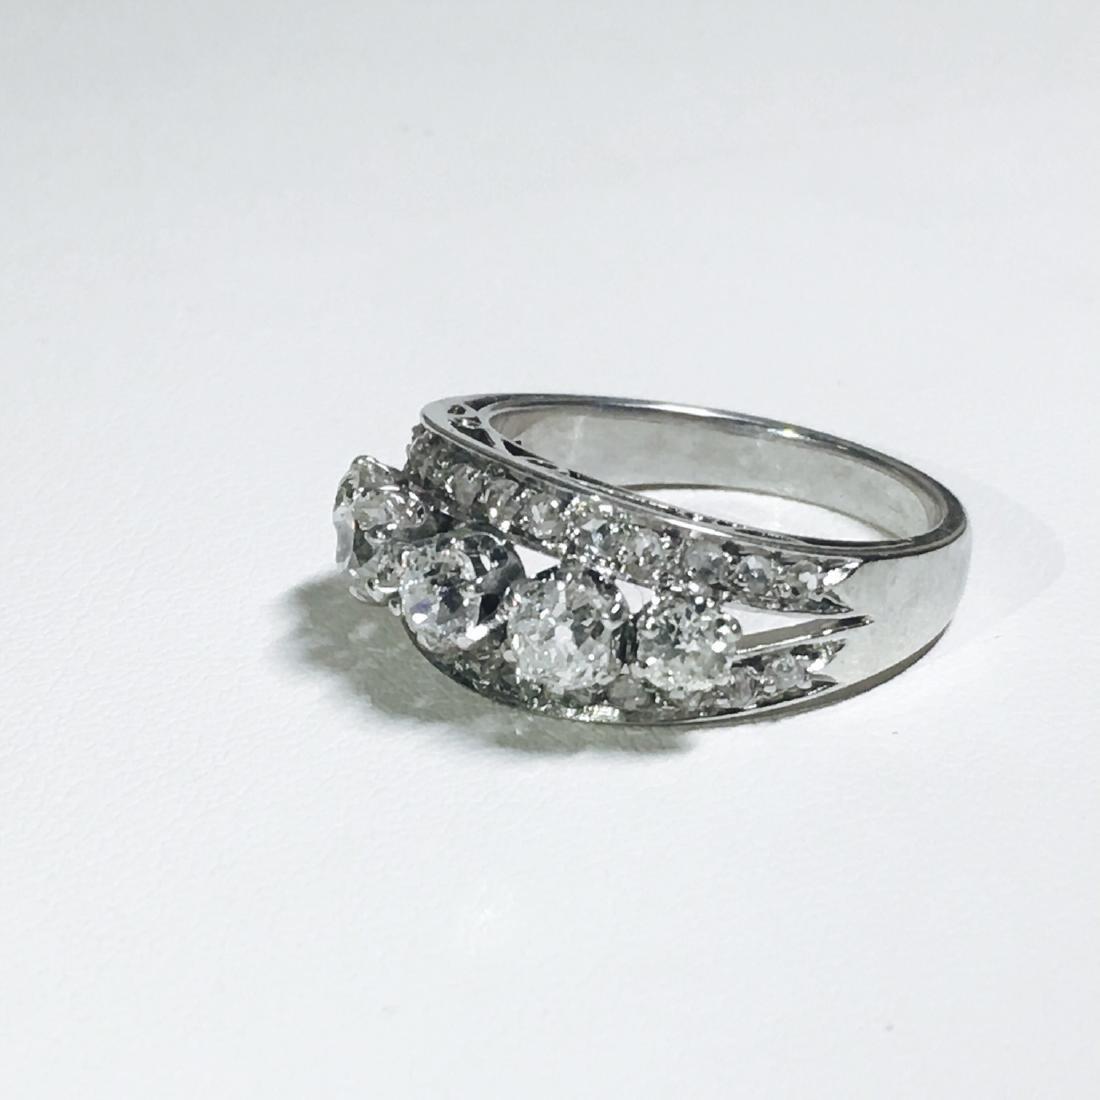 Vintage 18K White Gold, 1.25 CT VS/G Diamond Ring (GIA) - 3